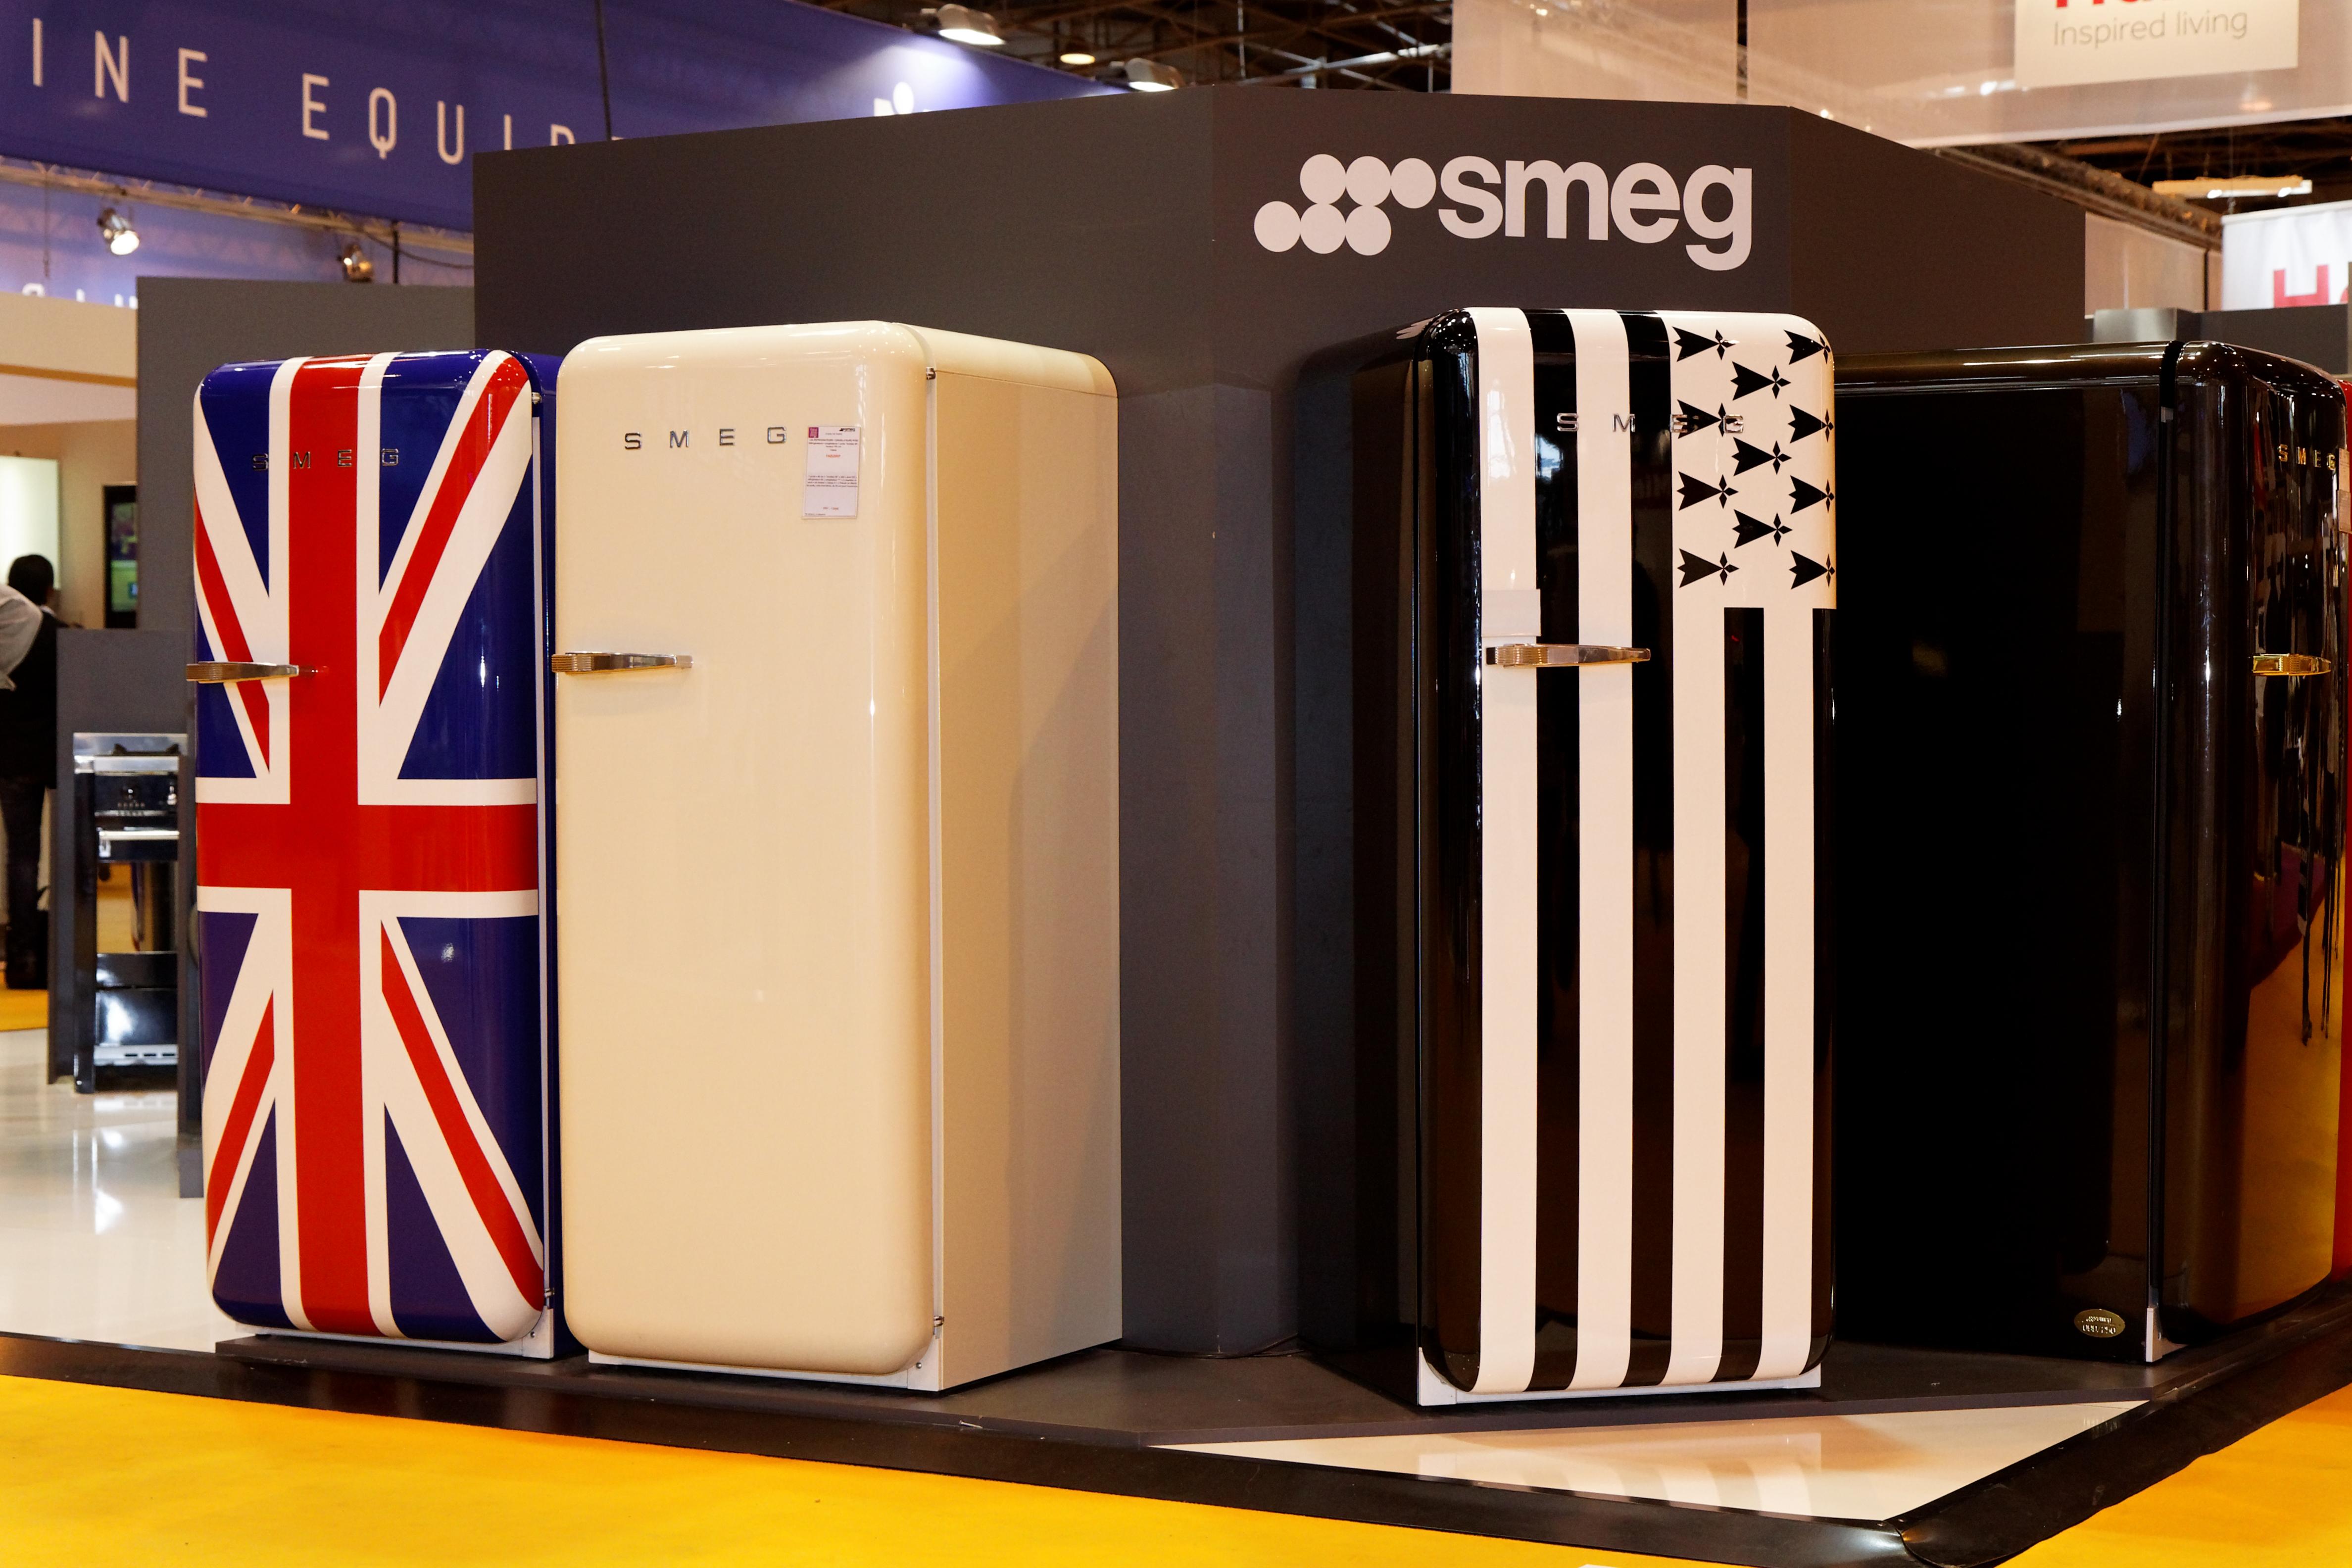 file foire de paris 2011 smeg r frig rateurs wikimedia commons. Black Bedroom Furniture Sets. Home Design Ideas